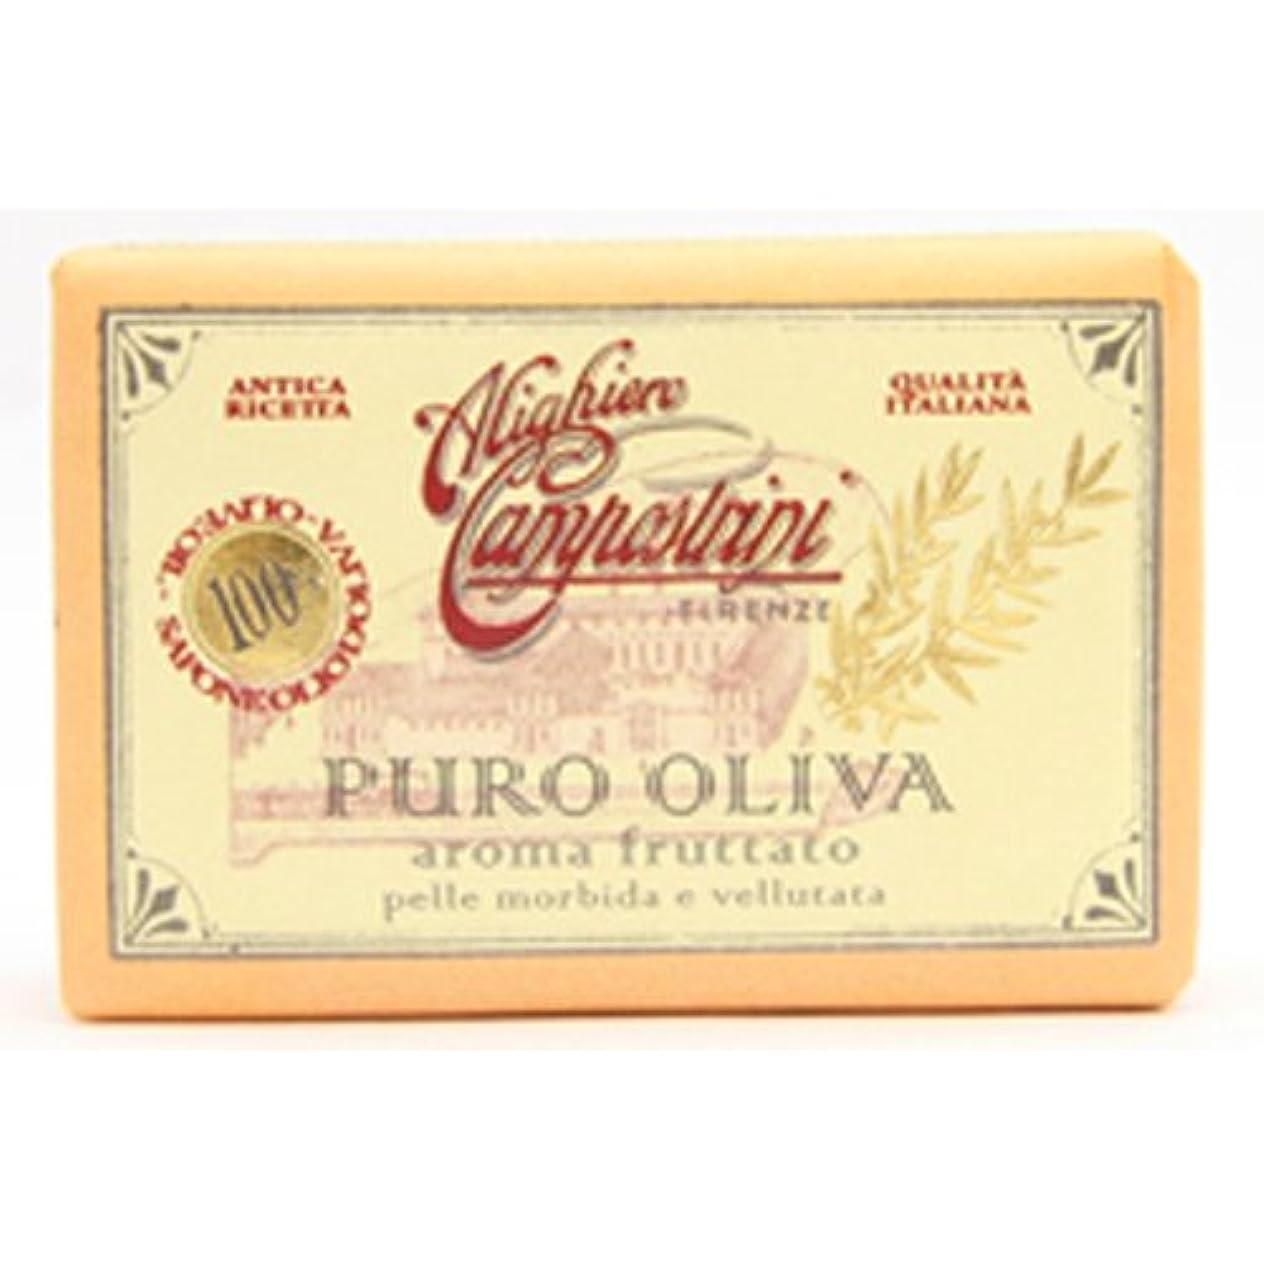 知覚的傾いた郵便Saponerire Fissi サポネリーフィッシー PURO OLIVA Soap オリーブオイル ピュロ ソープ Aroma fruttato フルーツ(オレンジ)